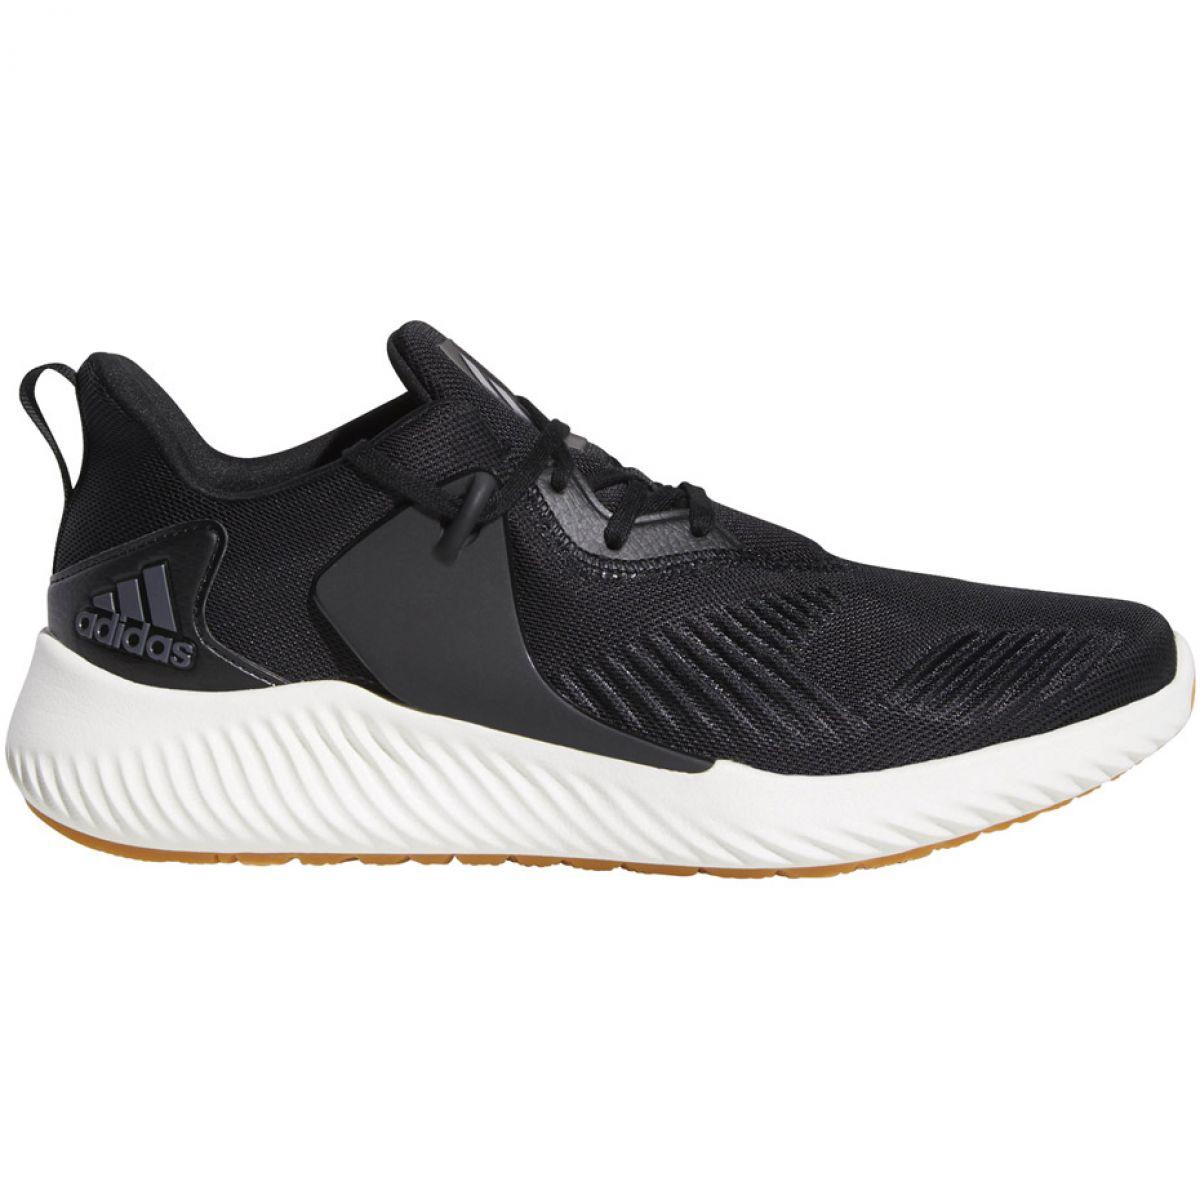 Schwarz Adidas Alphabounce Rc 2 M D96524 Schuhe